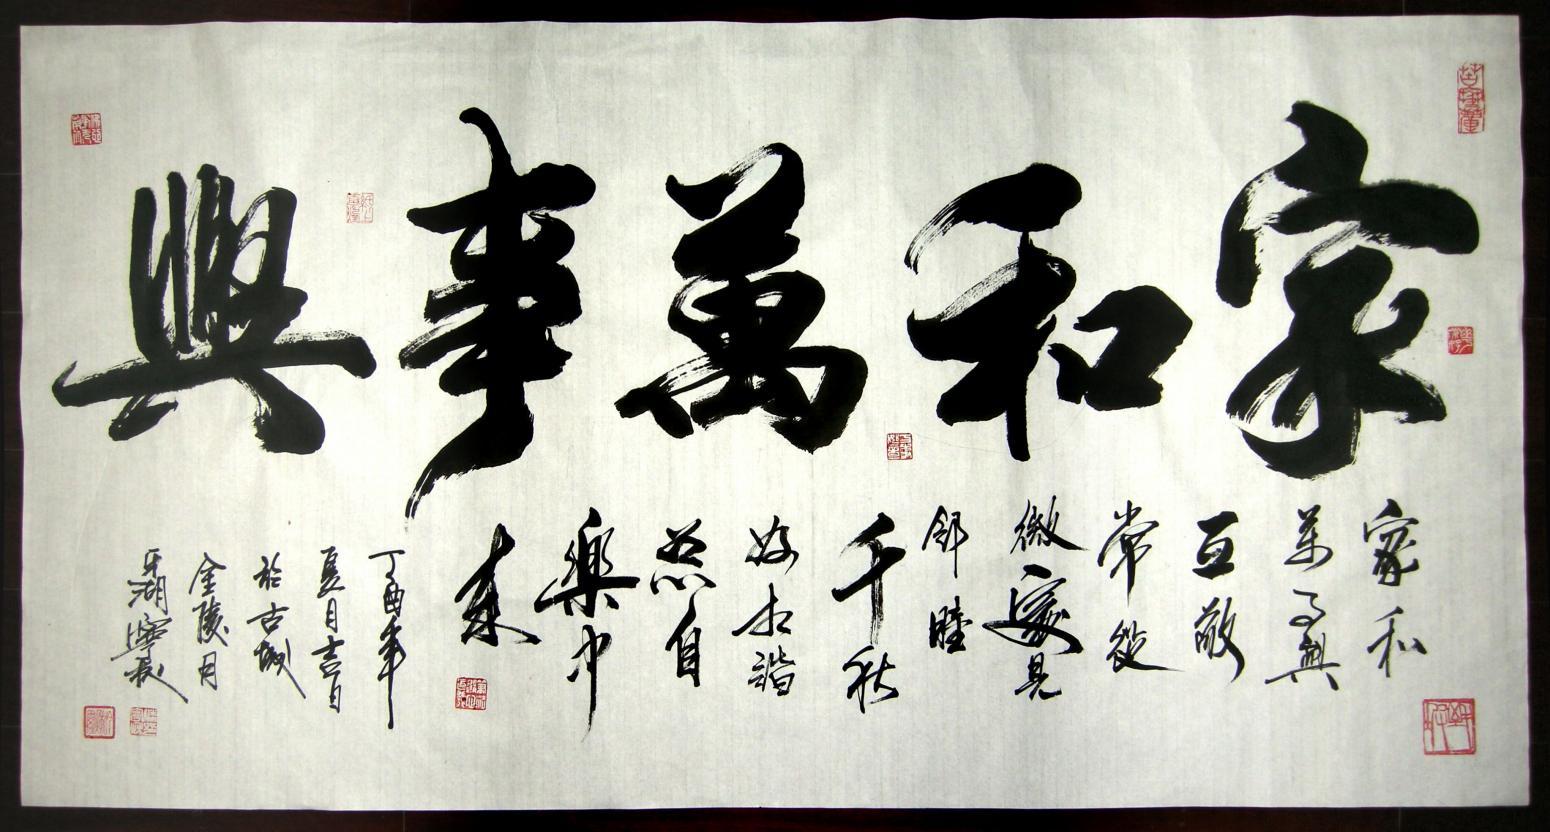 潘宁秋书法作品《家和万事兴》【图1】